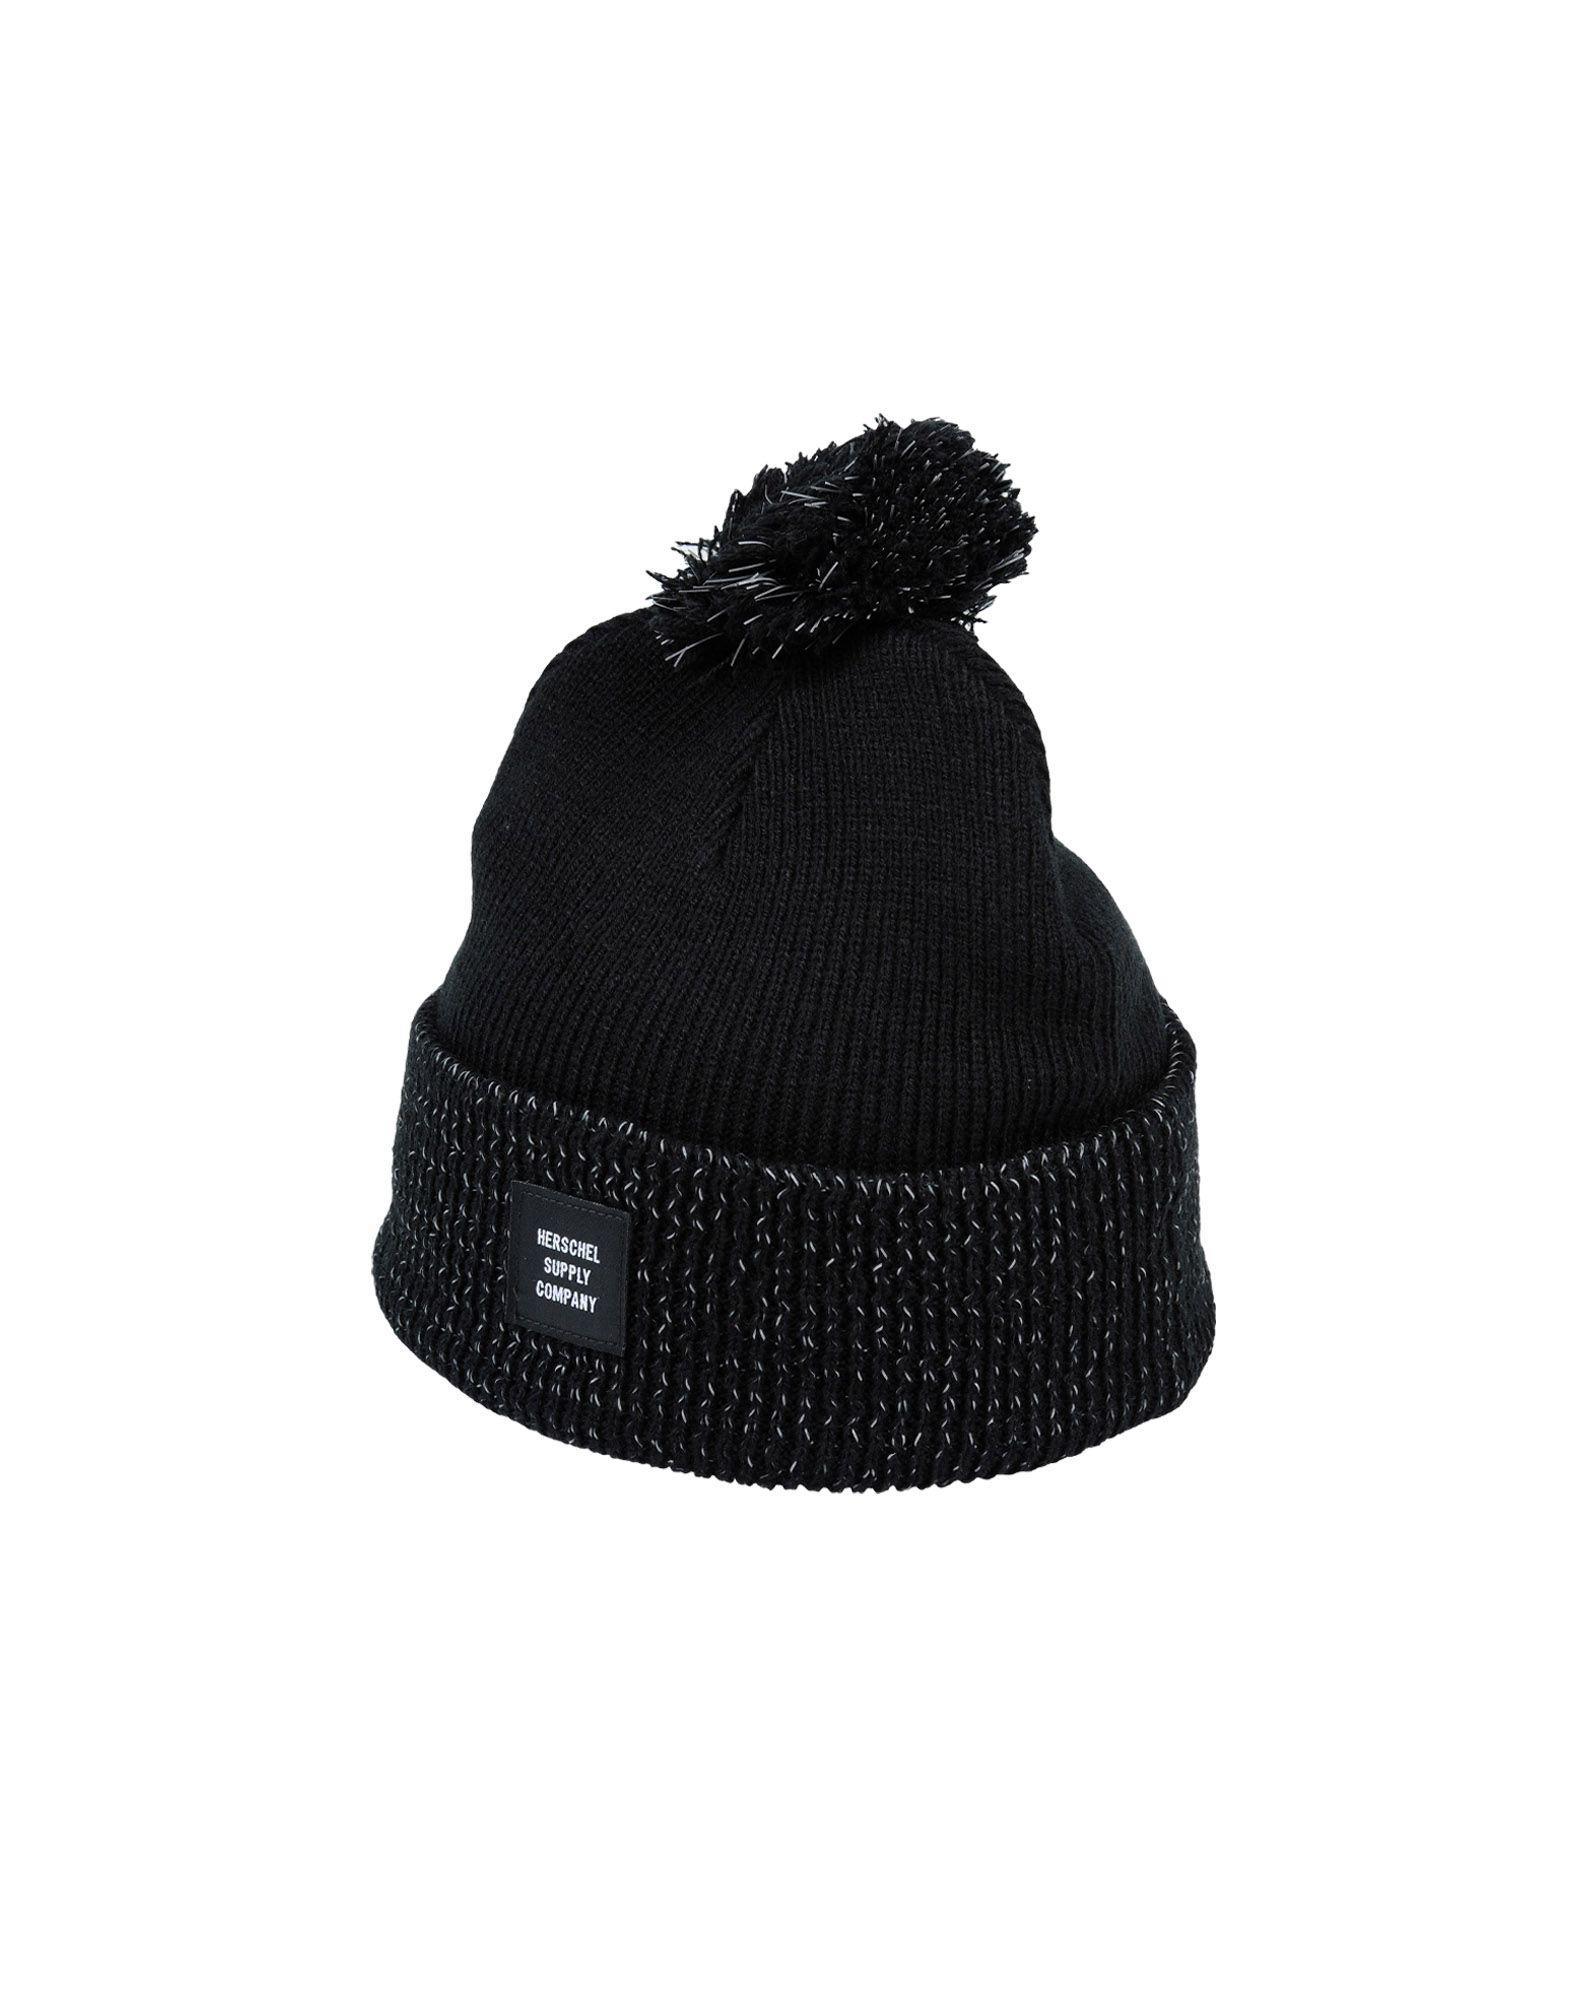 14551c65c55 Herschel Supply Co. Hat in Black - Lyst